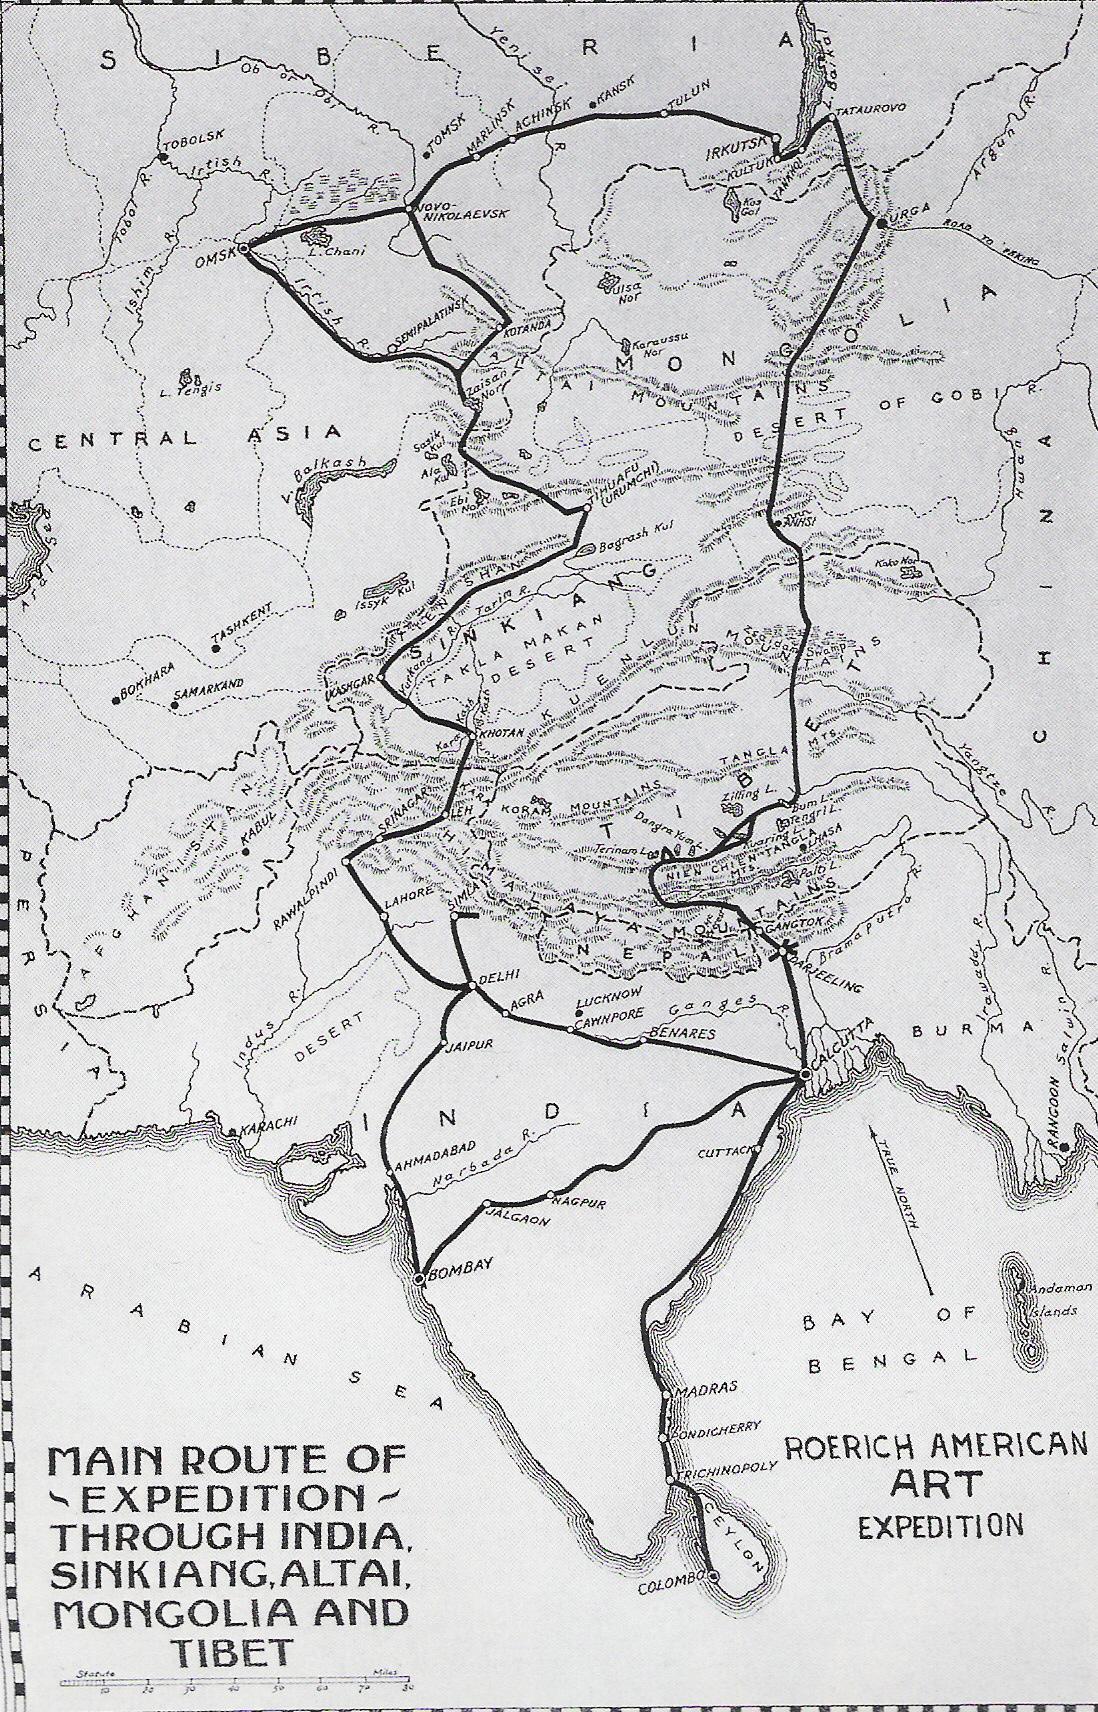 Plan de l'expédition Roerich en Asie centrale - 1925-1928